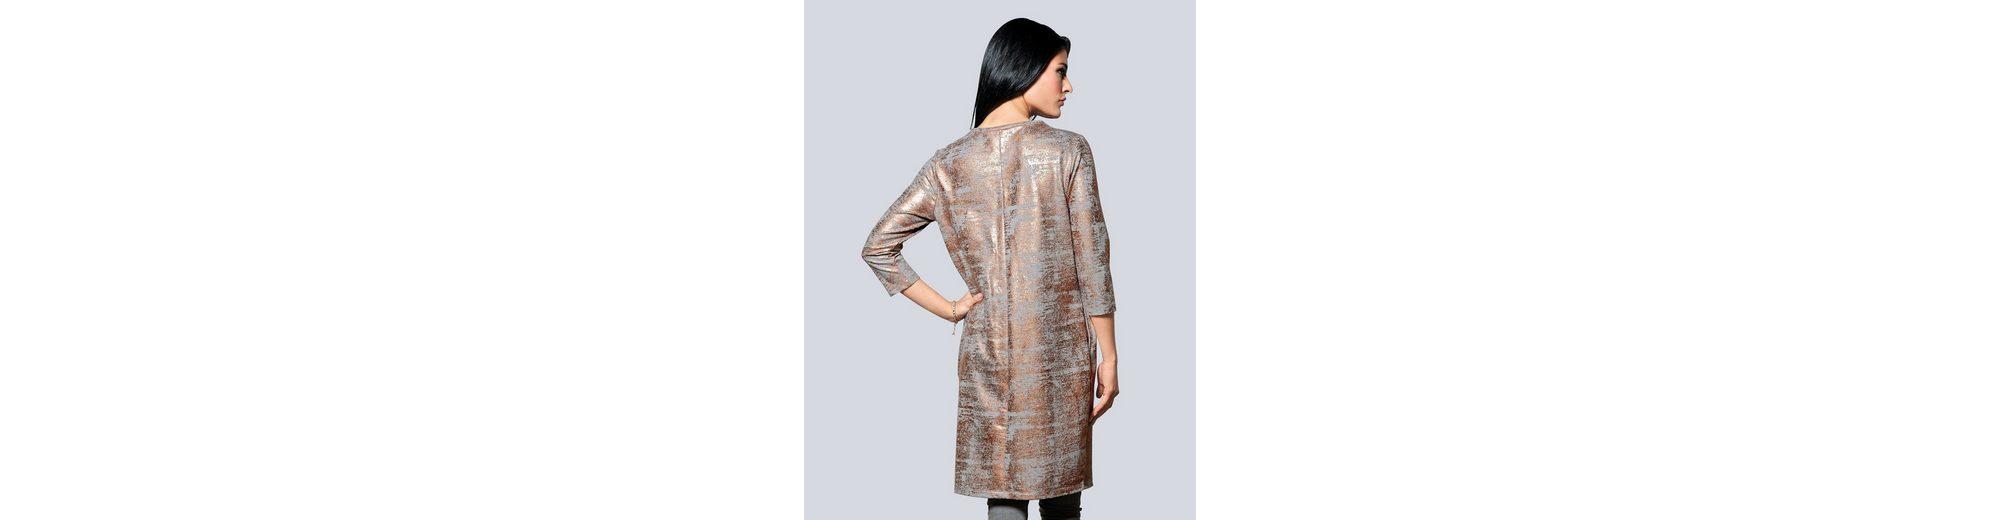 2018 Online Extrem Verkauf Online Alba Moda Kleid mit Metallic-Print juETI